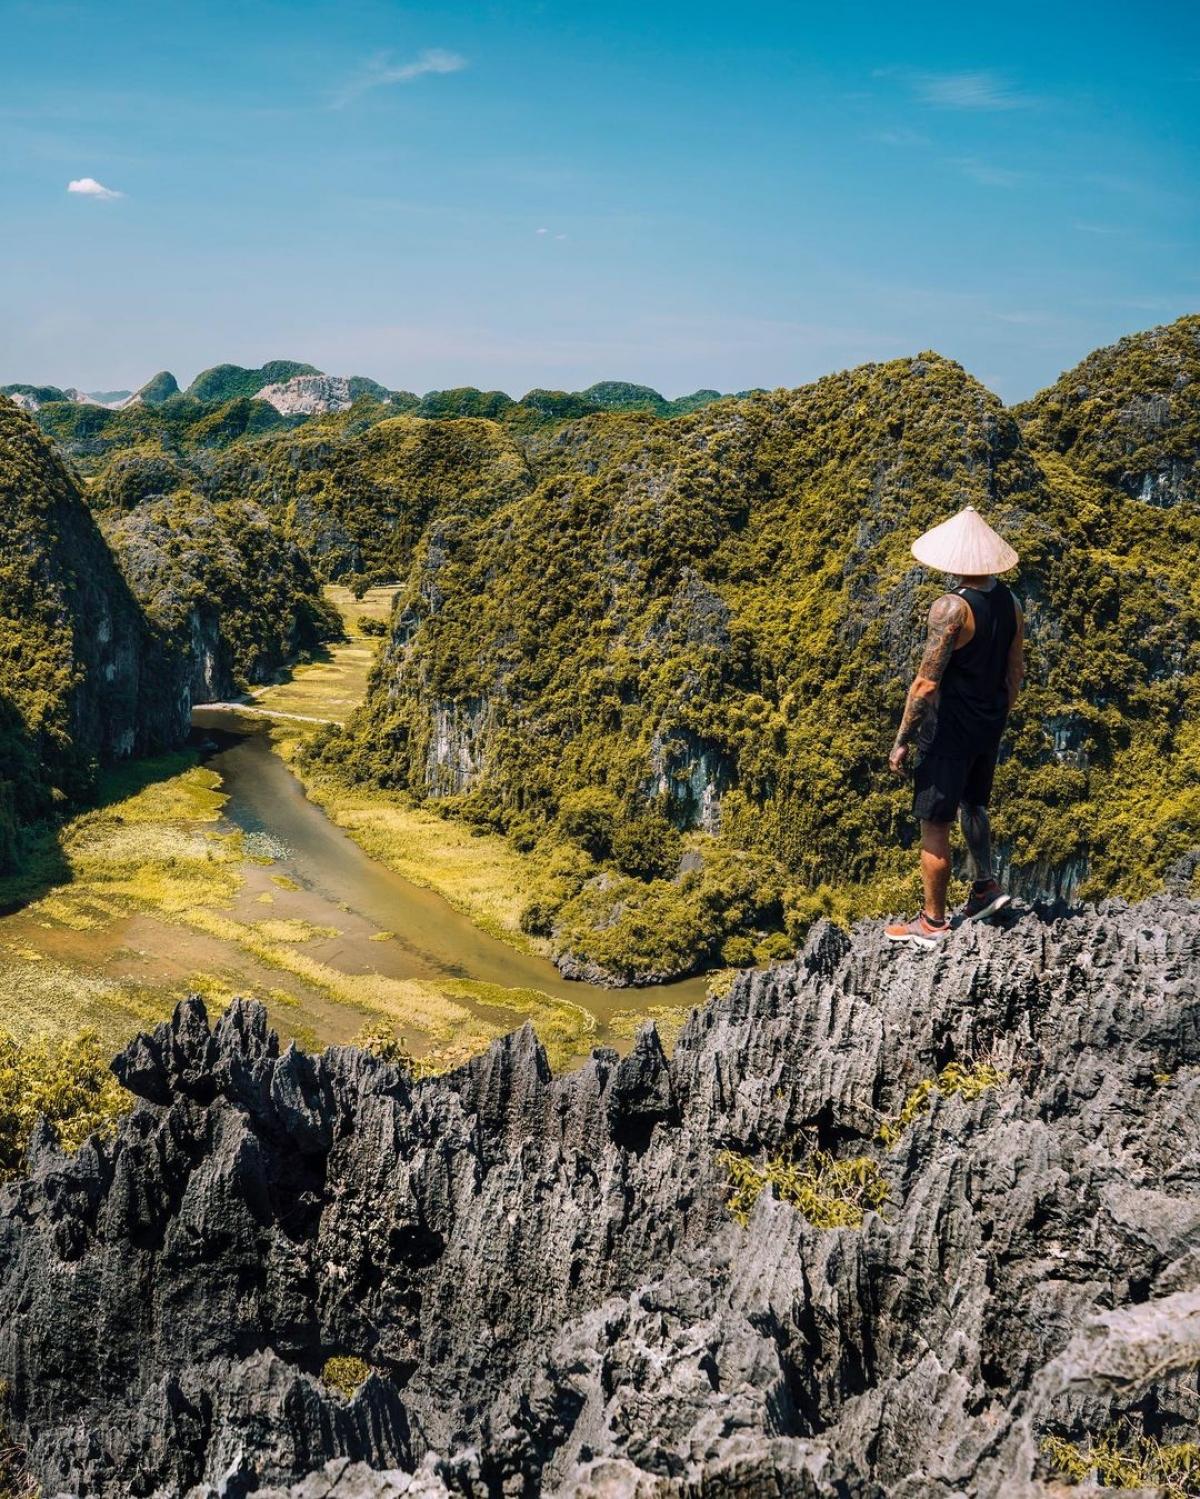 Steven D'Avignon là người gốc Pháp, đang sinh sống tại Québec, Canada. Anh là một nhiếp ảnh gia, nhà làm phim chuyên về chụp ảnh từ trên cao và phong cảnh. Trong 14 năm qua, Steven D'Avignon đã đặt chân tới nhiều quốc gia và những nơi anh ấn tượng nhất là New York (Mỹ), Bali (Indonesia) và Việt Nam.